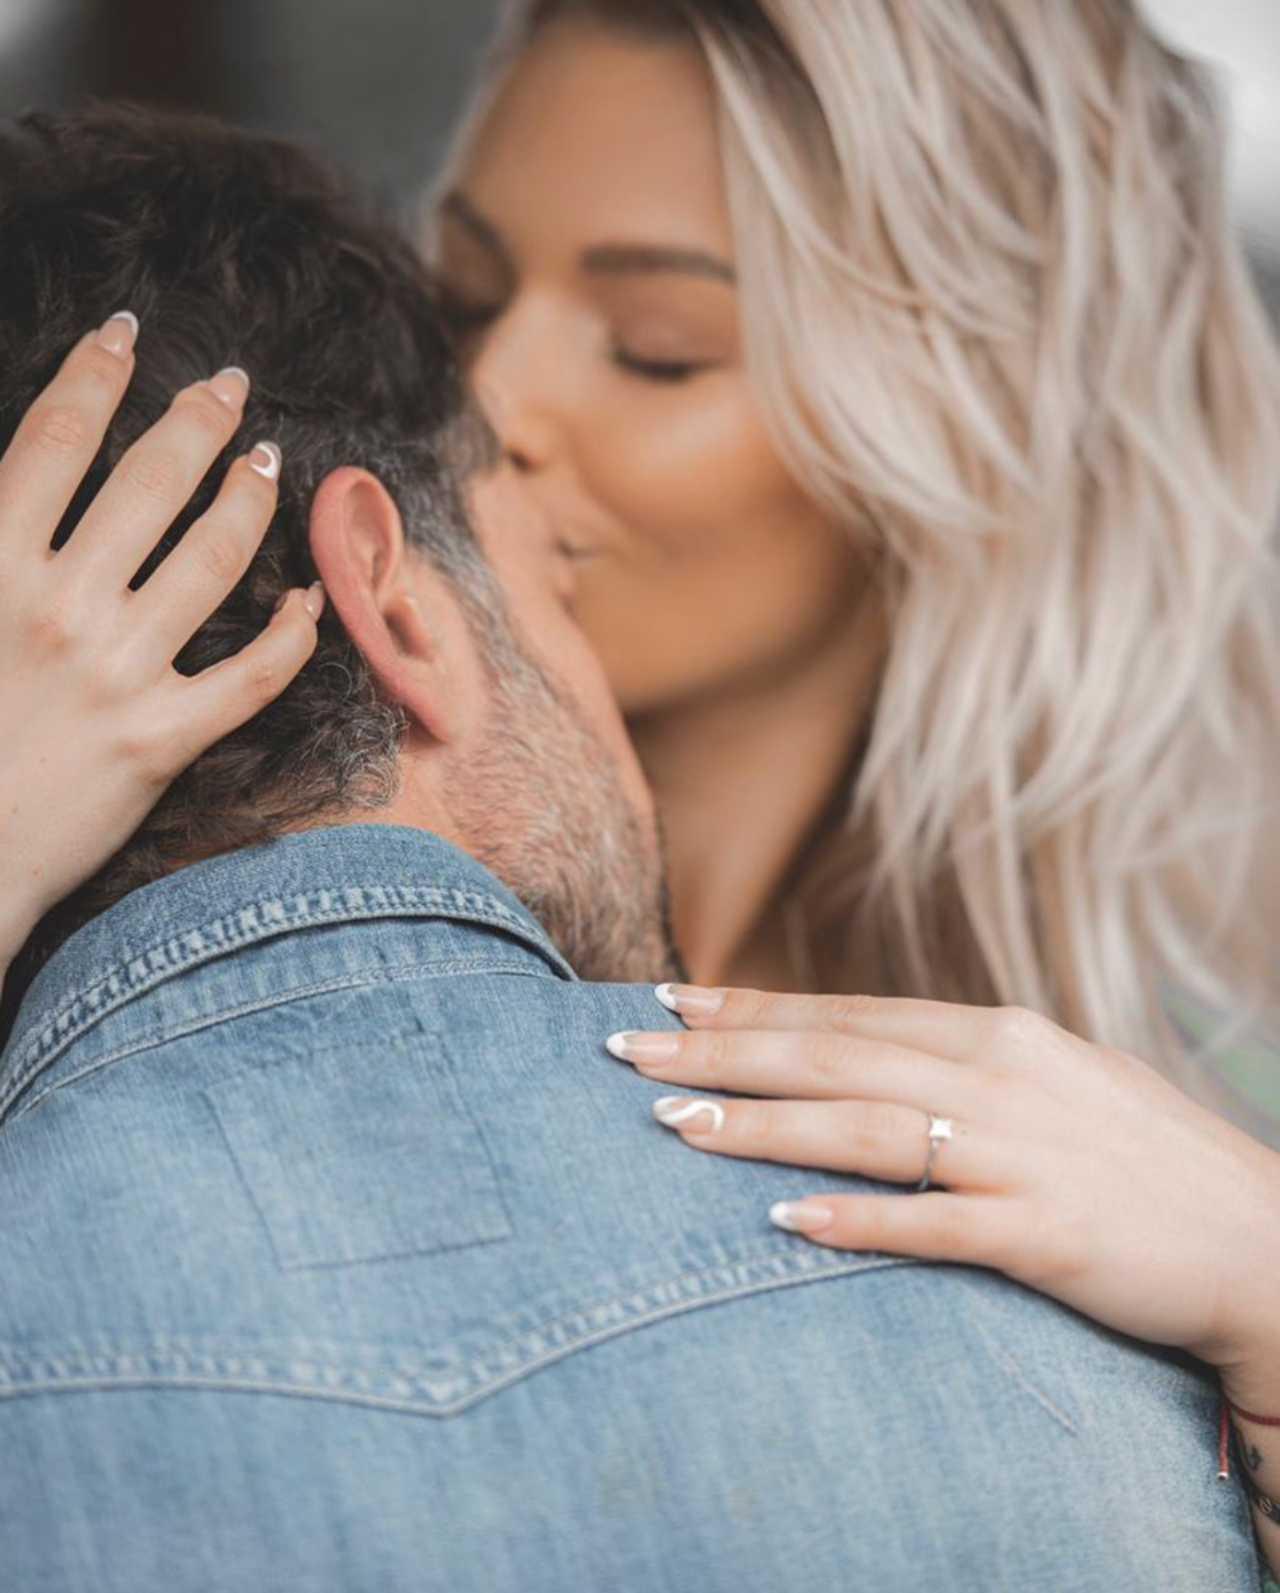 Gabriel Soto y el anillo de compromiso que le dio a Irina Baeva